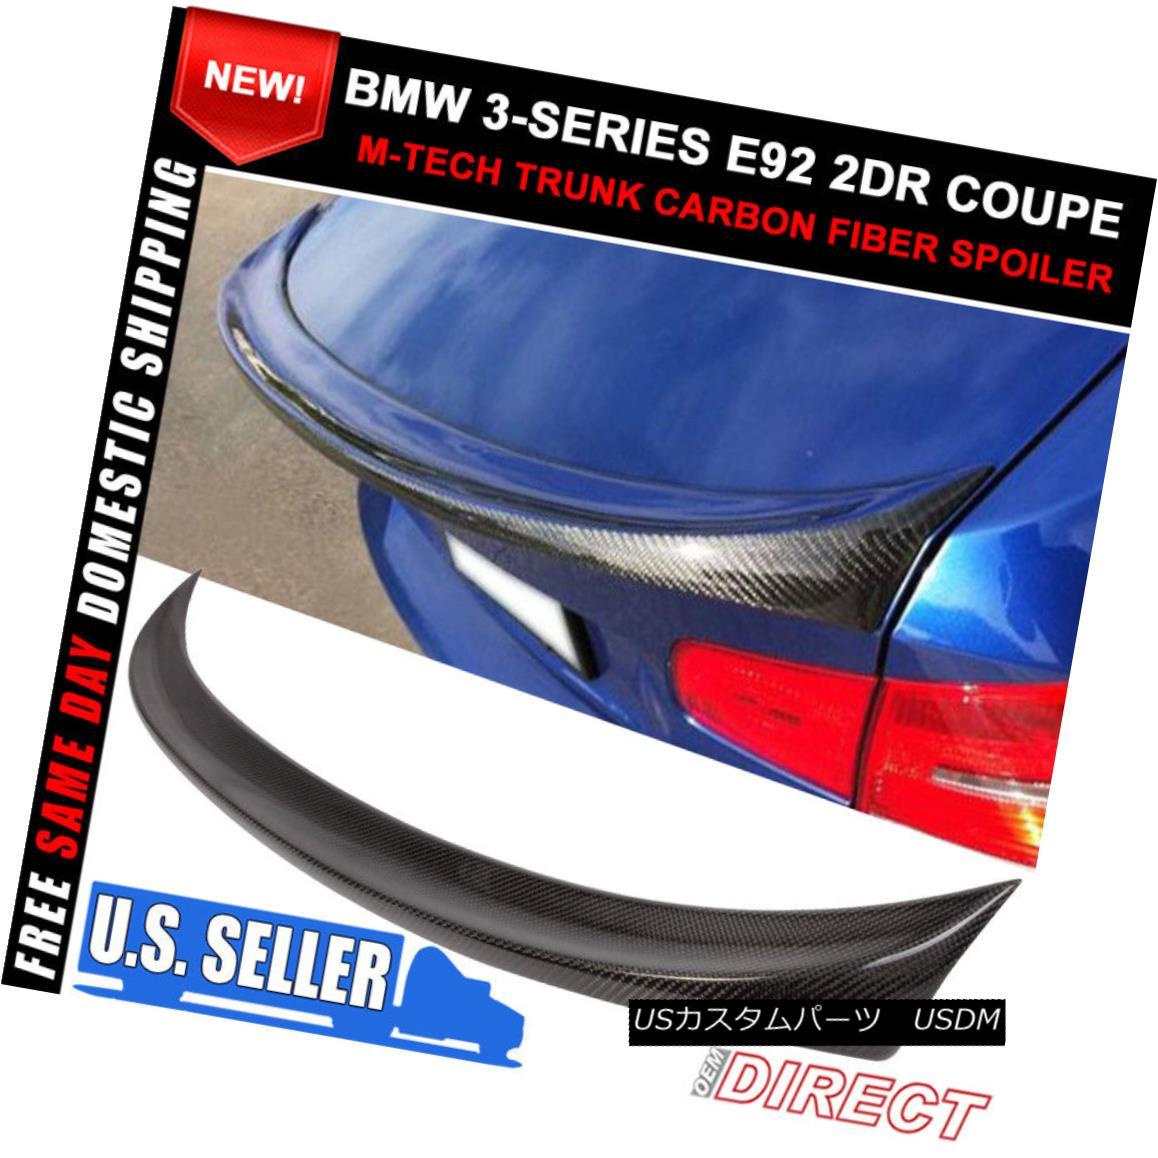 エアロパーツ 07-10 BMW 3Series E92 2D Coupe Mtech Msport Carbon Fiber Trunk Spoiler M3 07-10 BMW 3シリーズE92 2DクーペMtech Msport炭素繊維トランク・スポイラーM3